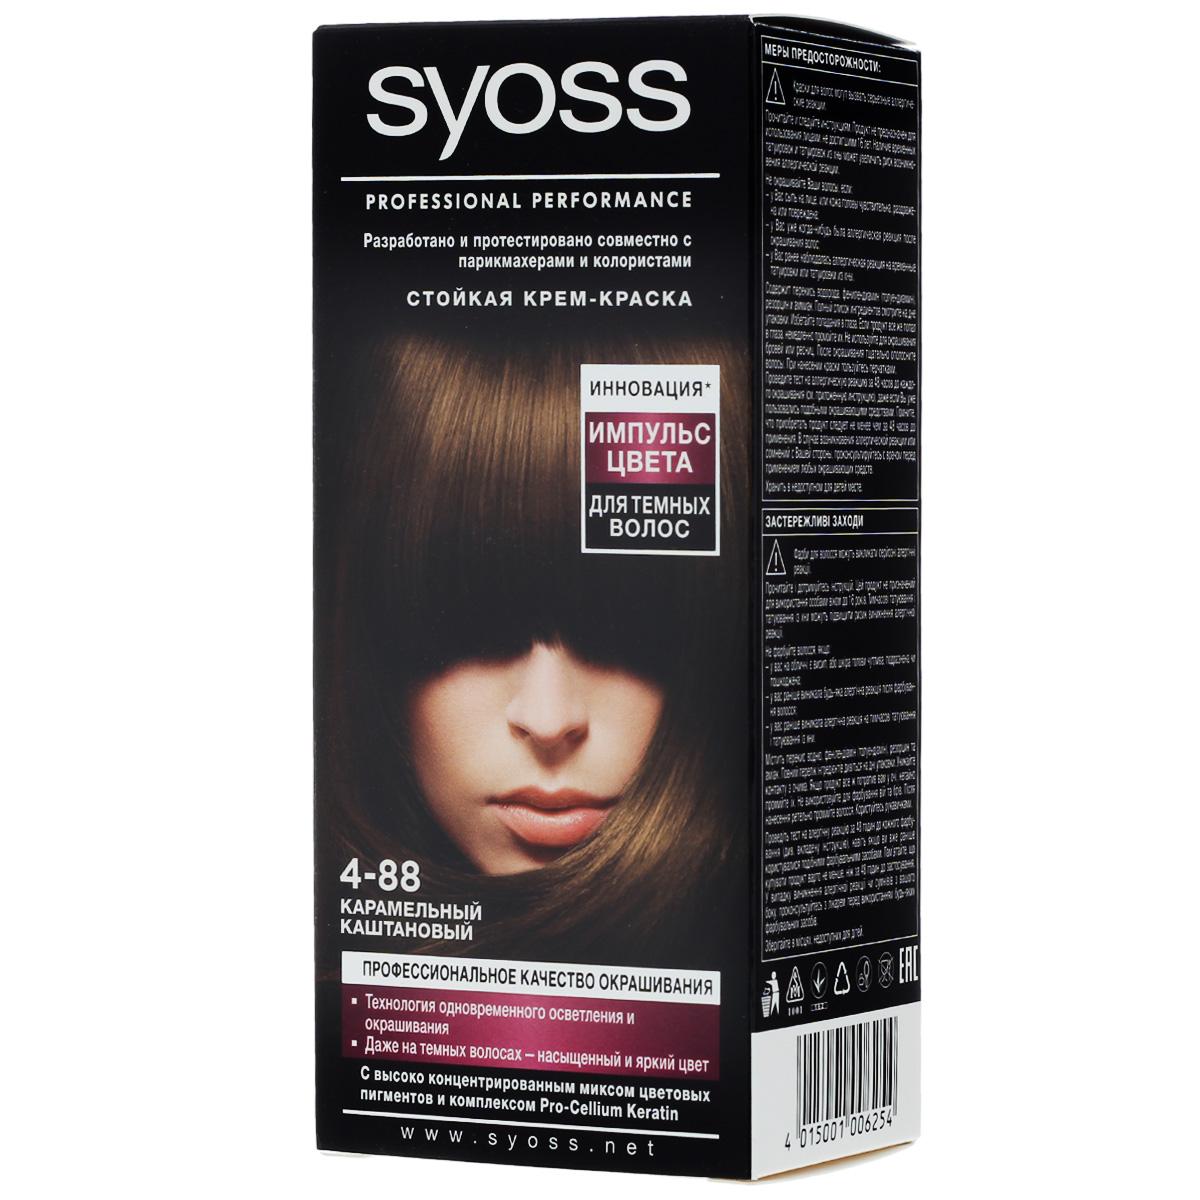 Syoss Color Краска для волос оттенок 4-88 Импульс цвета Карамельный каштановый, 115 мл9393603488Профессиональная формула Syoss с защитой от повреждений SalonPlex обеспечивает: • МАКСИМАЛЬНУЮ СТОЙКОСТЬ И ИНТЕНСИВНОСТЬ ЦВЕТА** • УХОД ПРОТИВ ПОВРЕЖДЕНИЙ • ДО 80 % МЕНЬШЕ ЛОМКОСТИ ВОЛОС* • ПРОФЕССИОНАЛЬНОЕ ЗАКРАШИВАНИЕ СЕДИНЫ* по сравнению с волосами, окрашенными без применения технологии SALONPLEX ** в ассортименте SYOSS